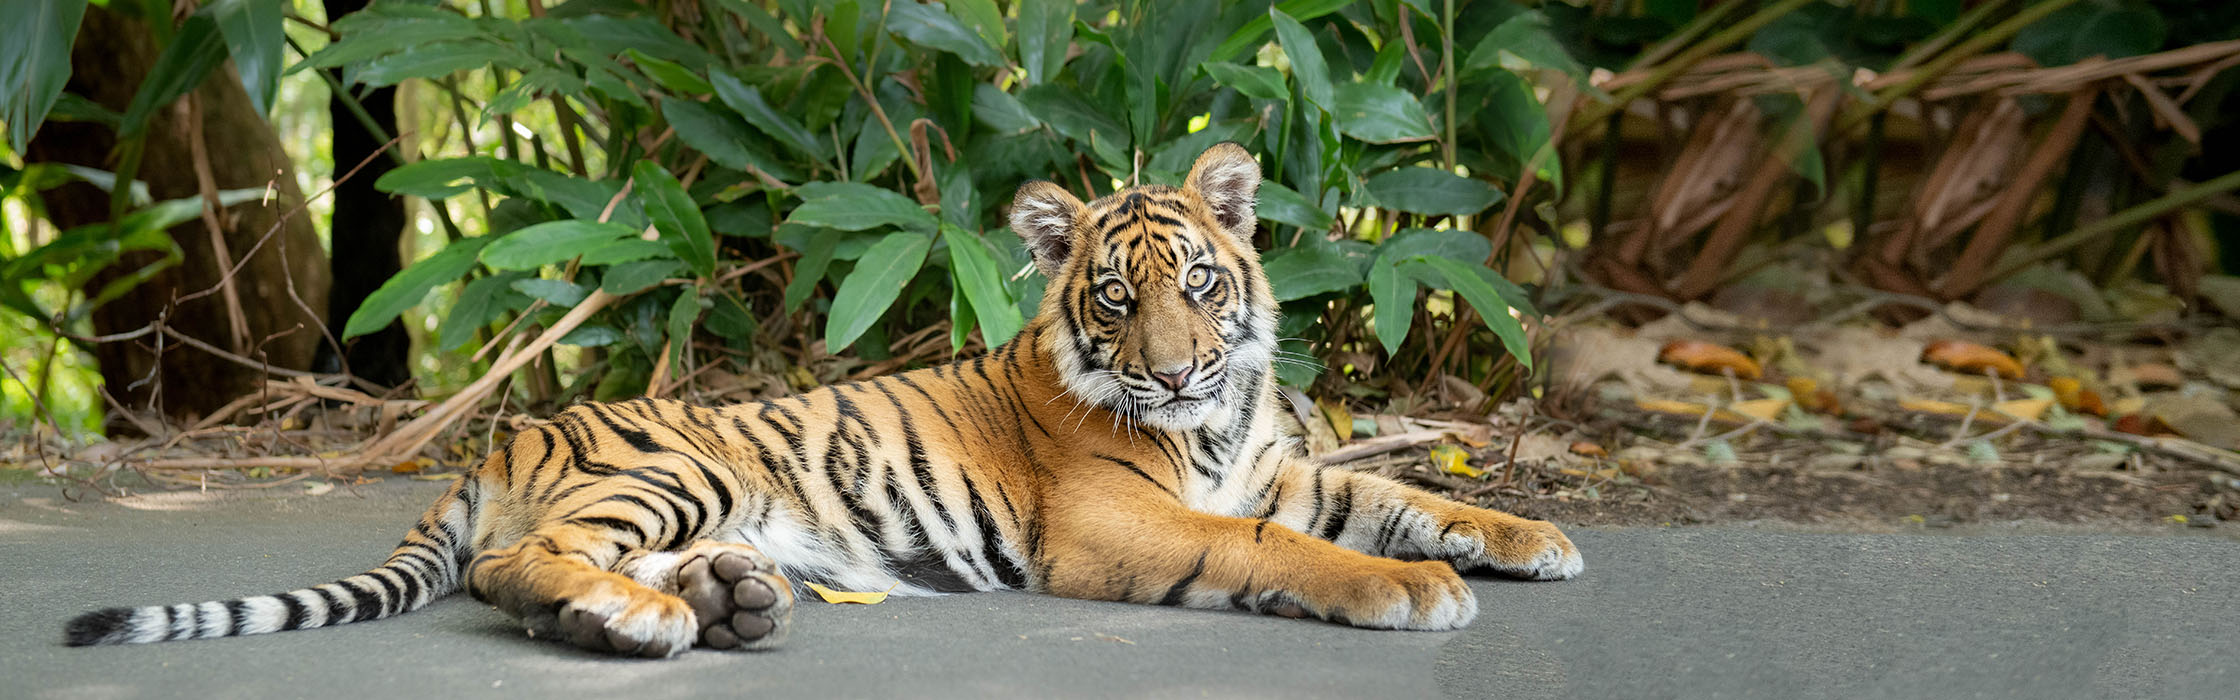 Sumatran Tiger Nelson Adopt an Animal